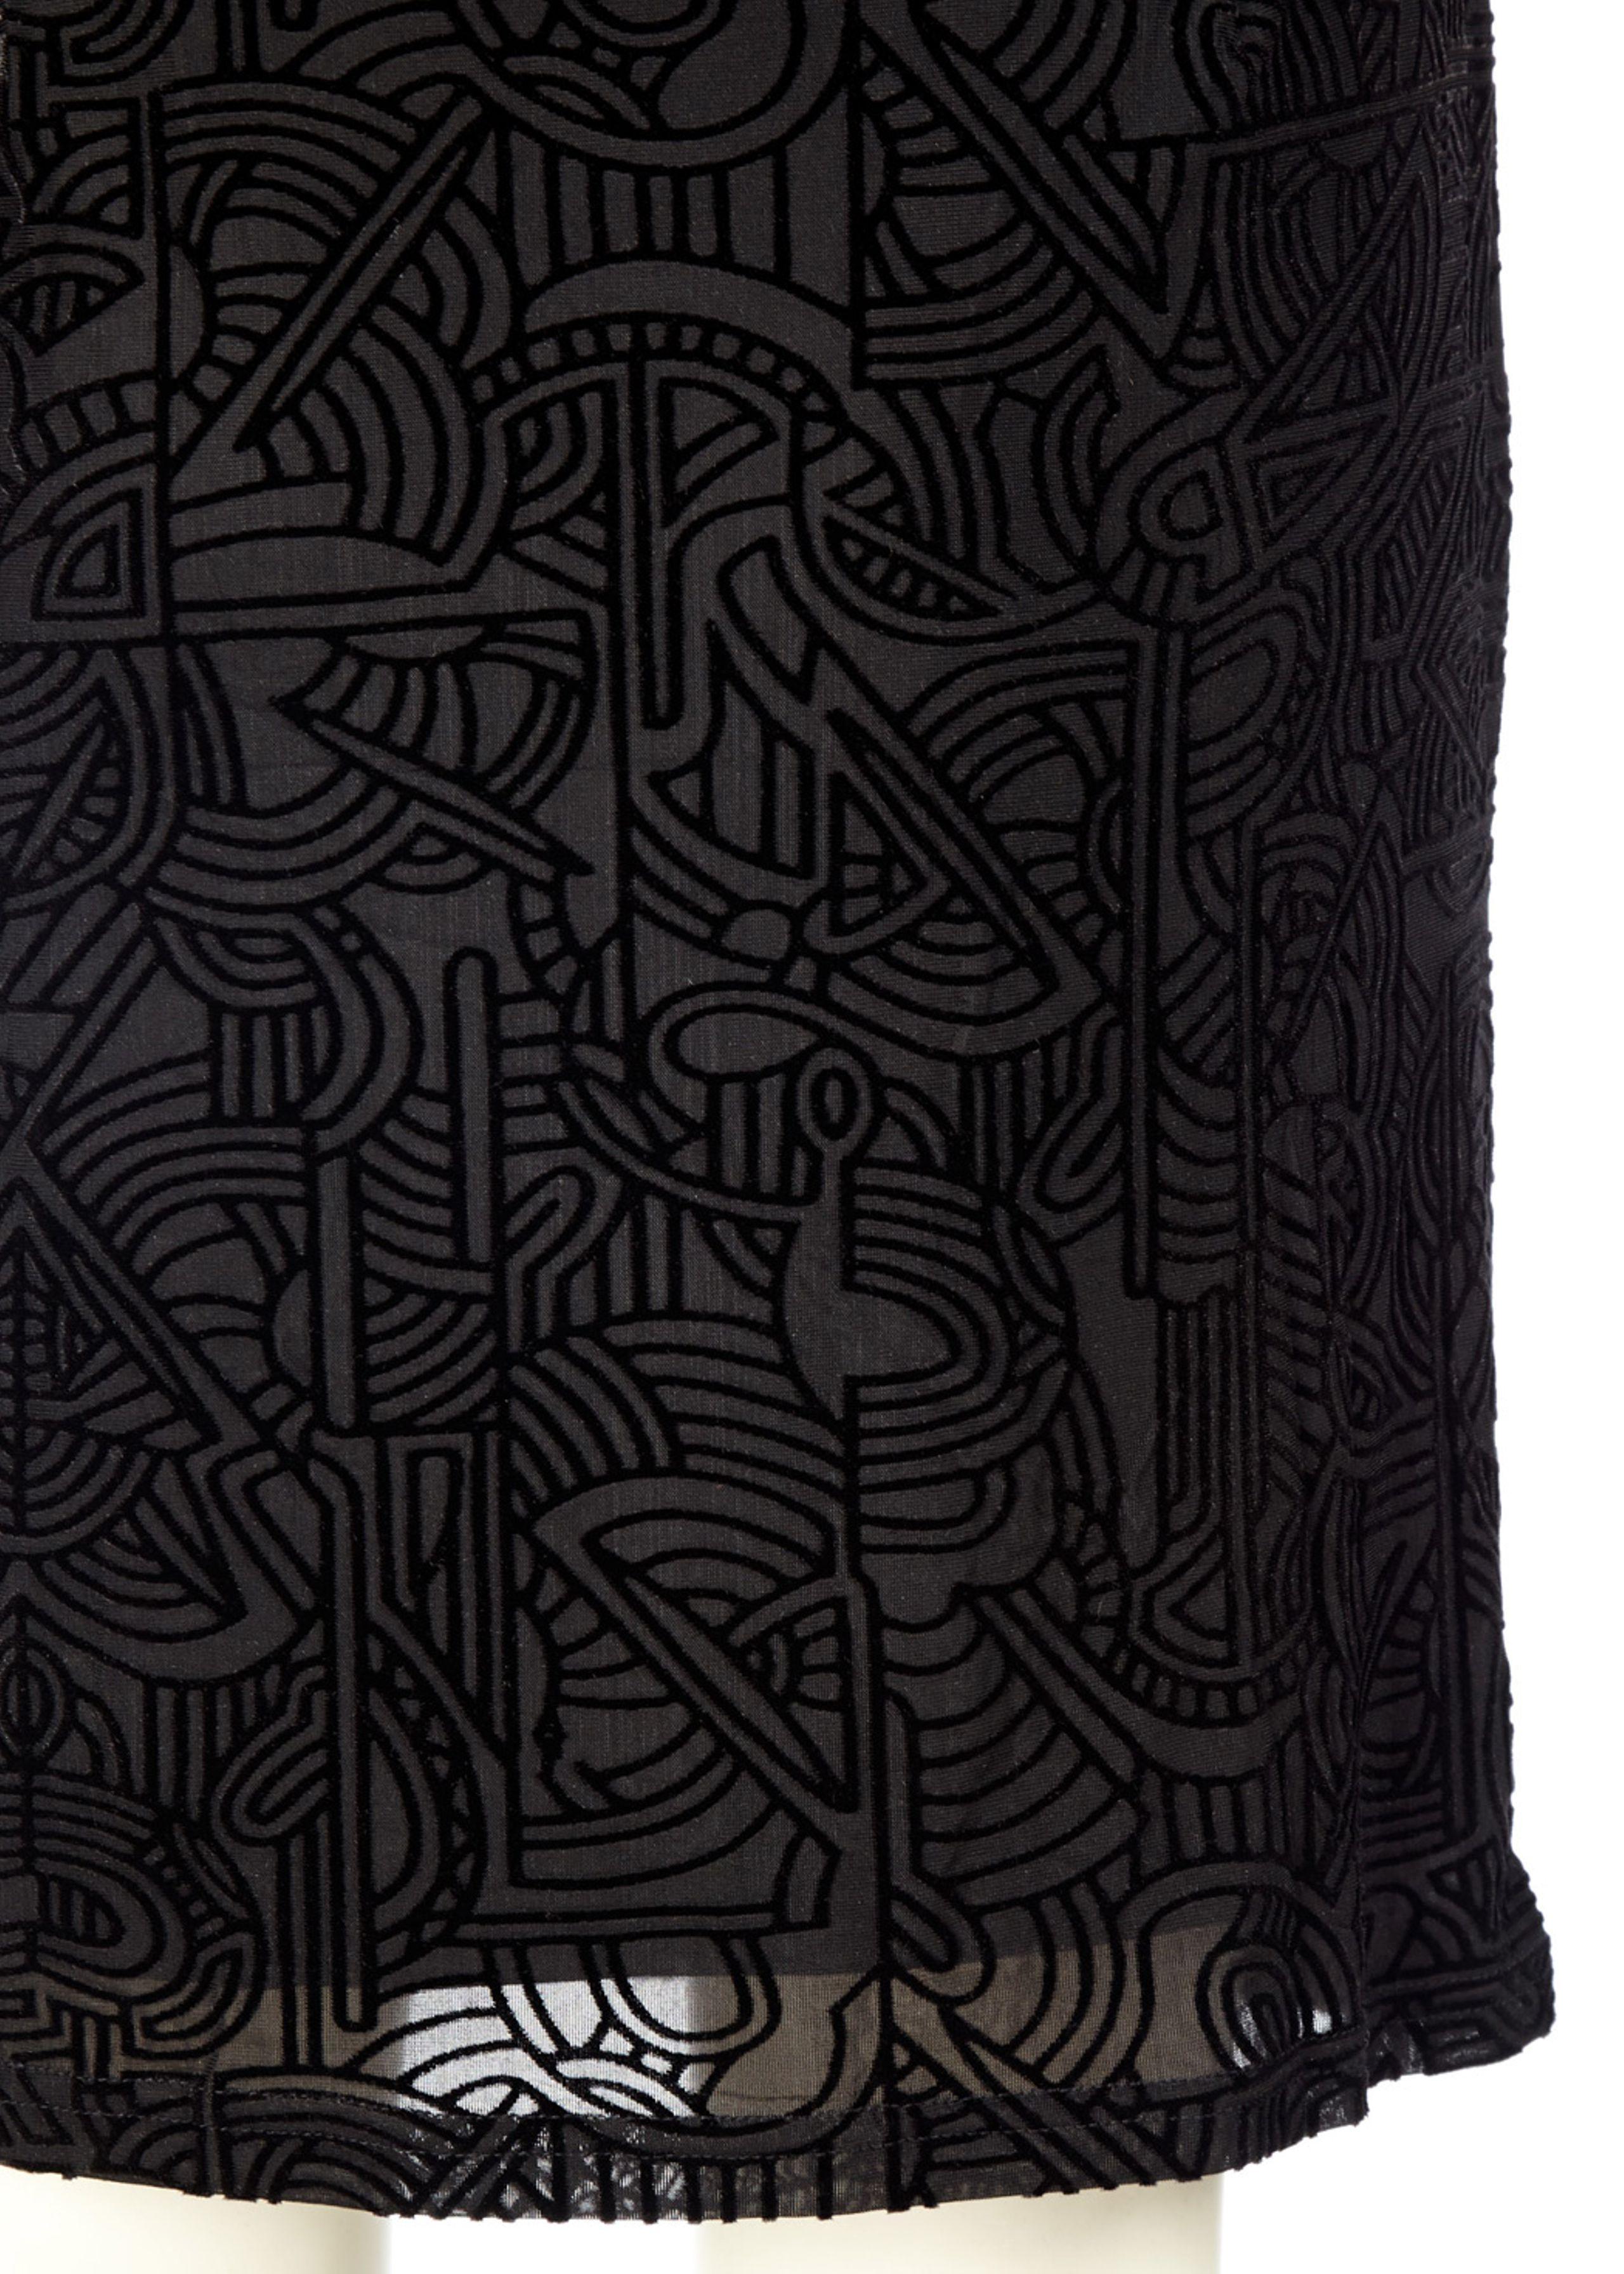 503c1552d3e9 ... An Ounce - Kjole - Catson Dress - Sort